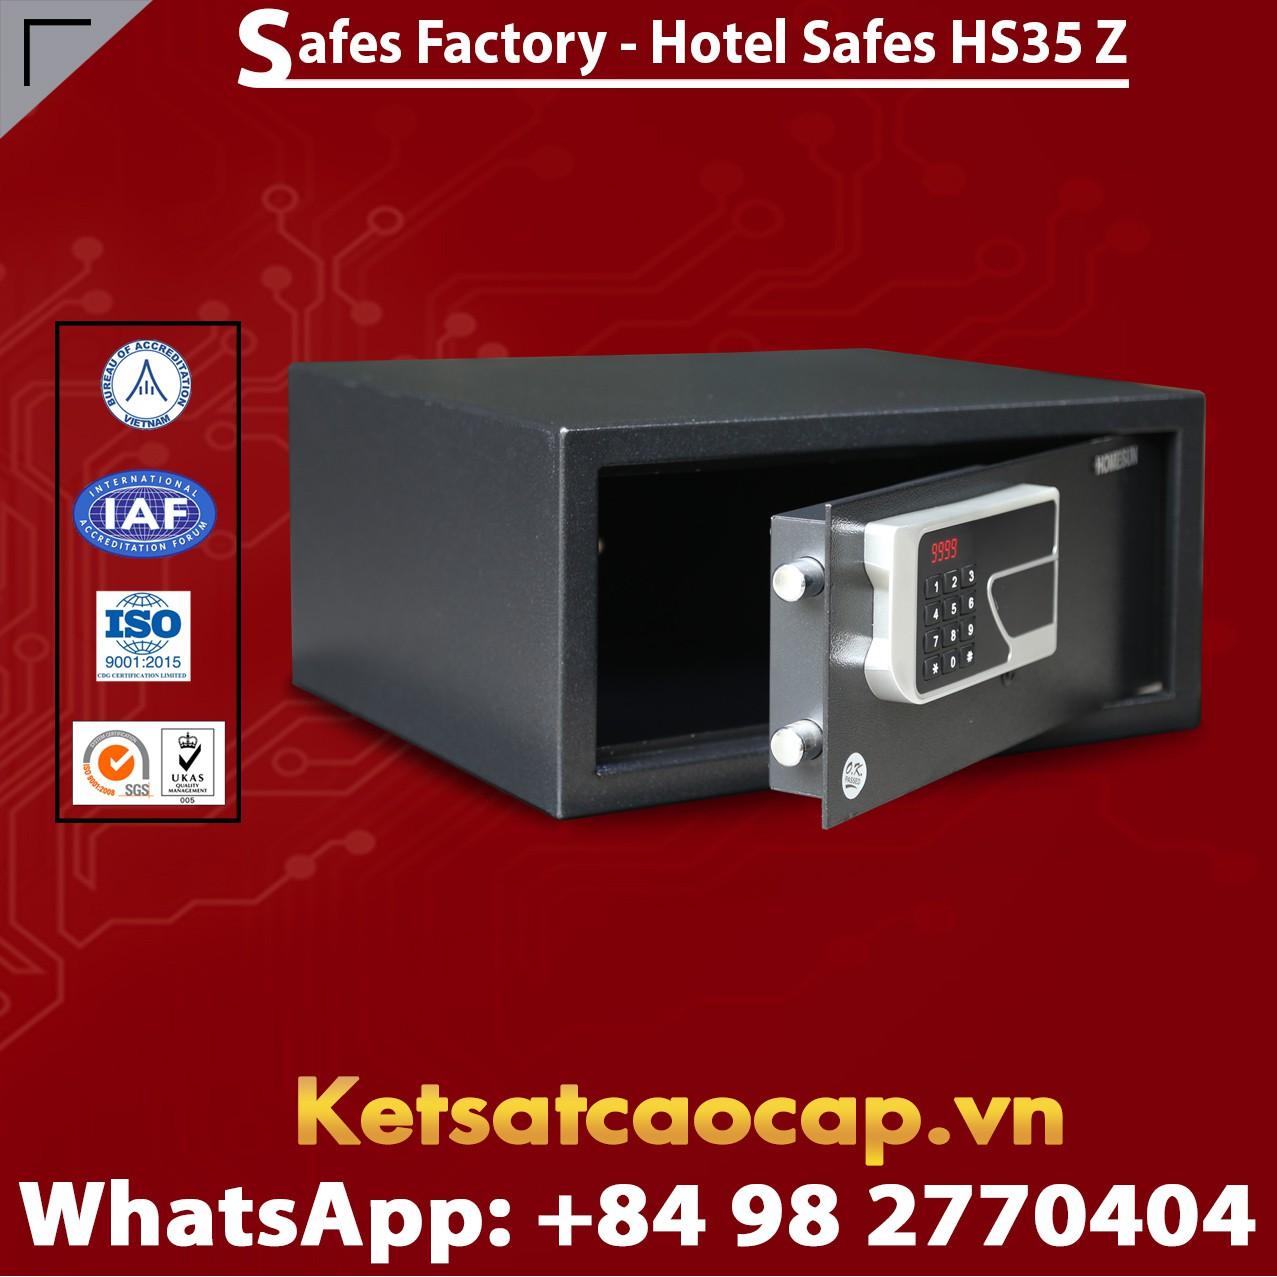 Két Sắt Khách Sạn Hotel Safes HOMESUN HS35 Z